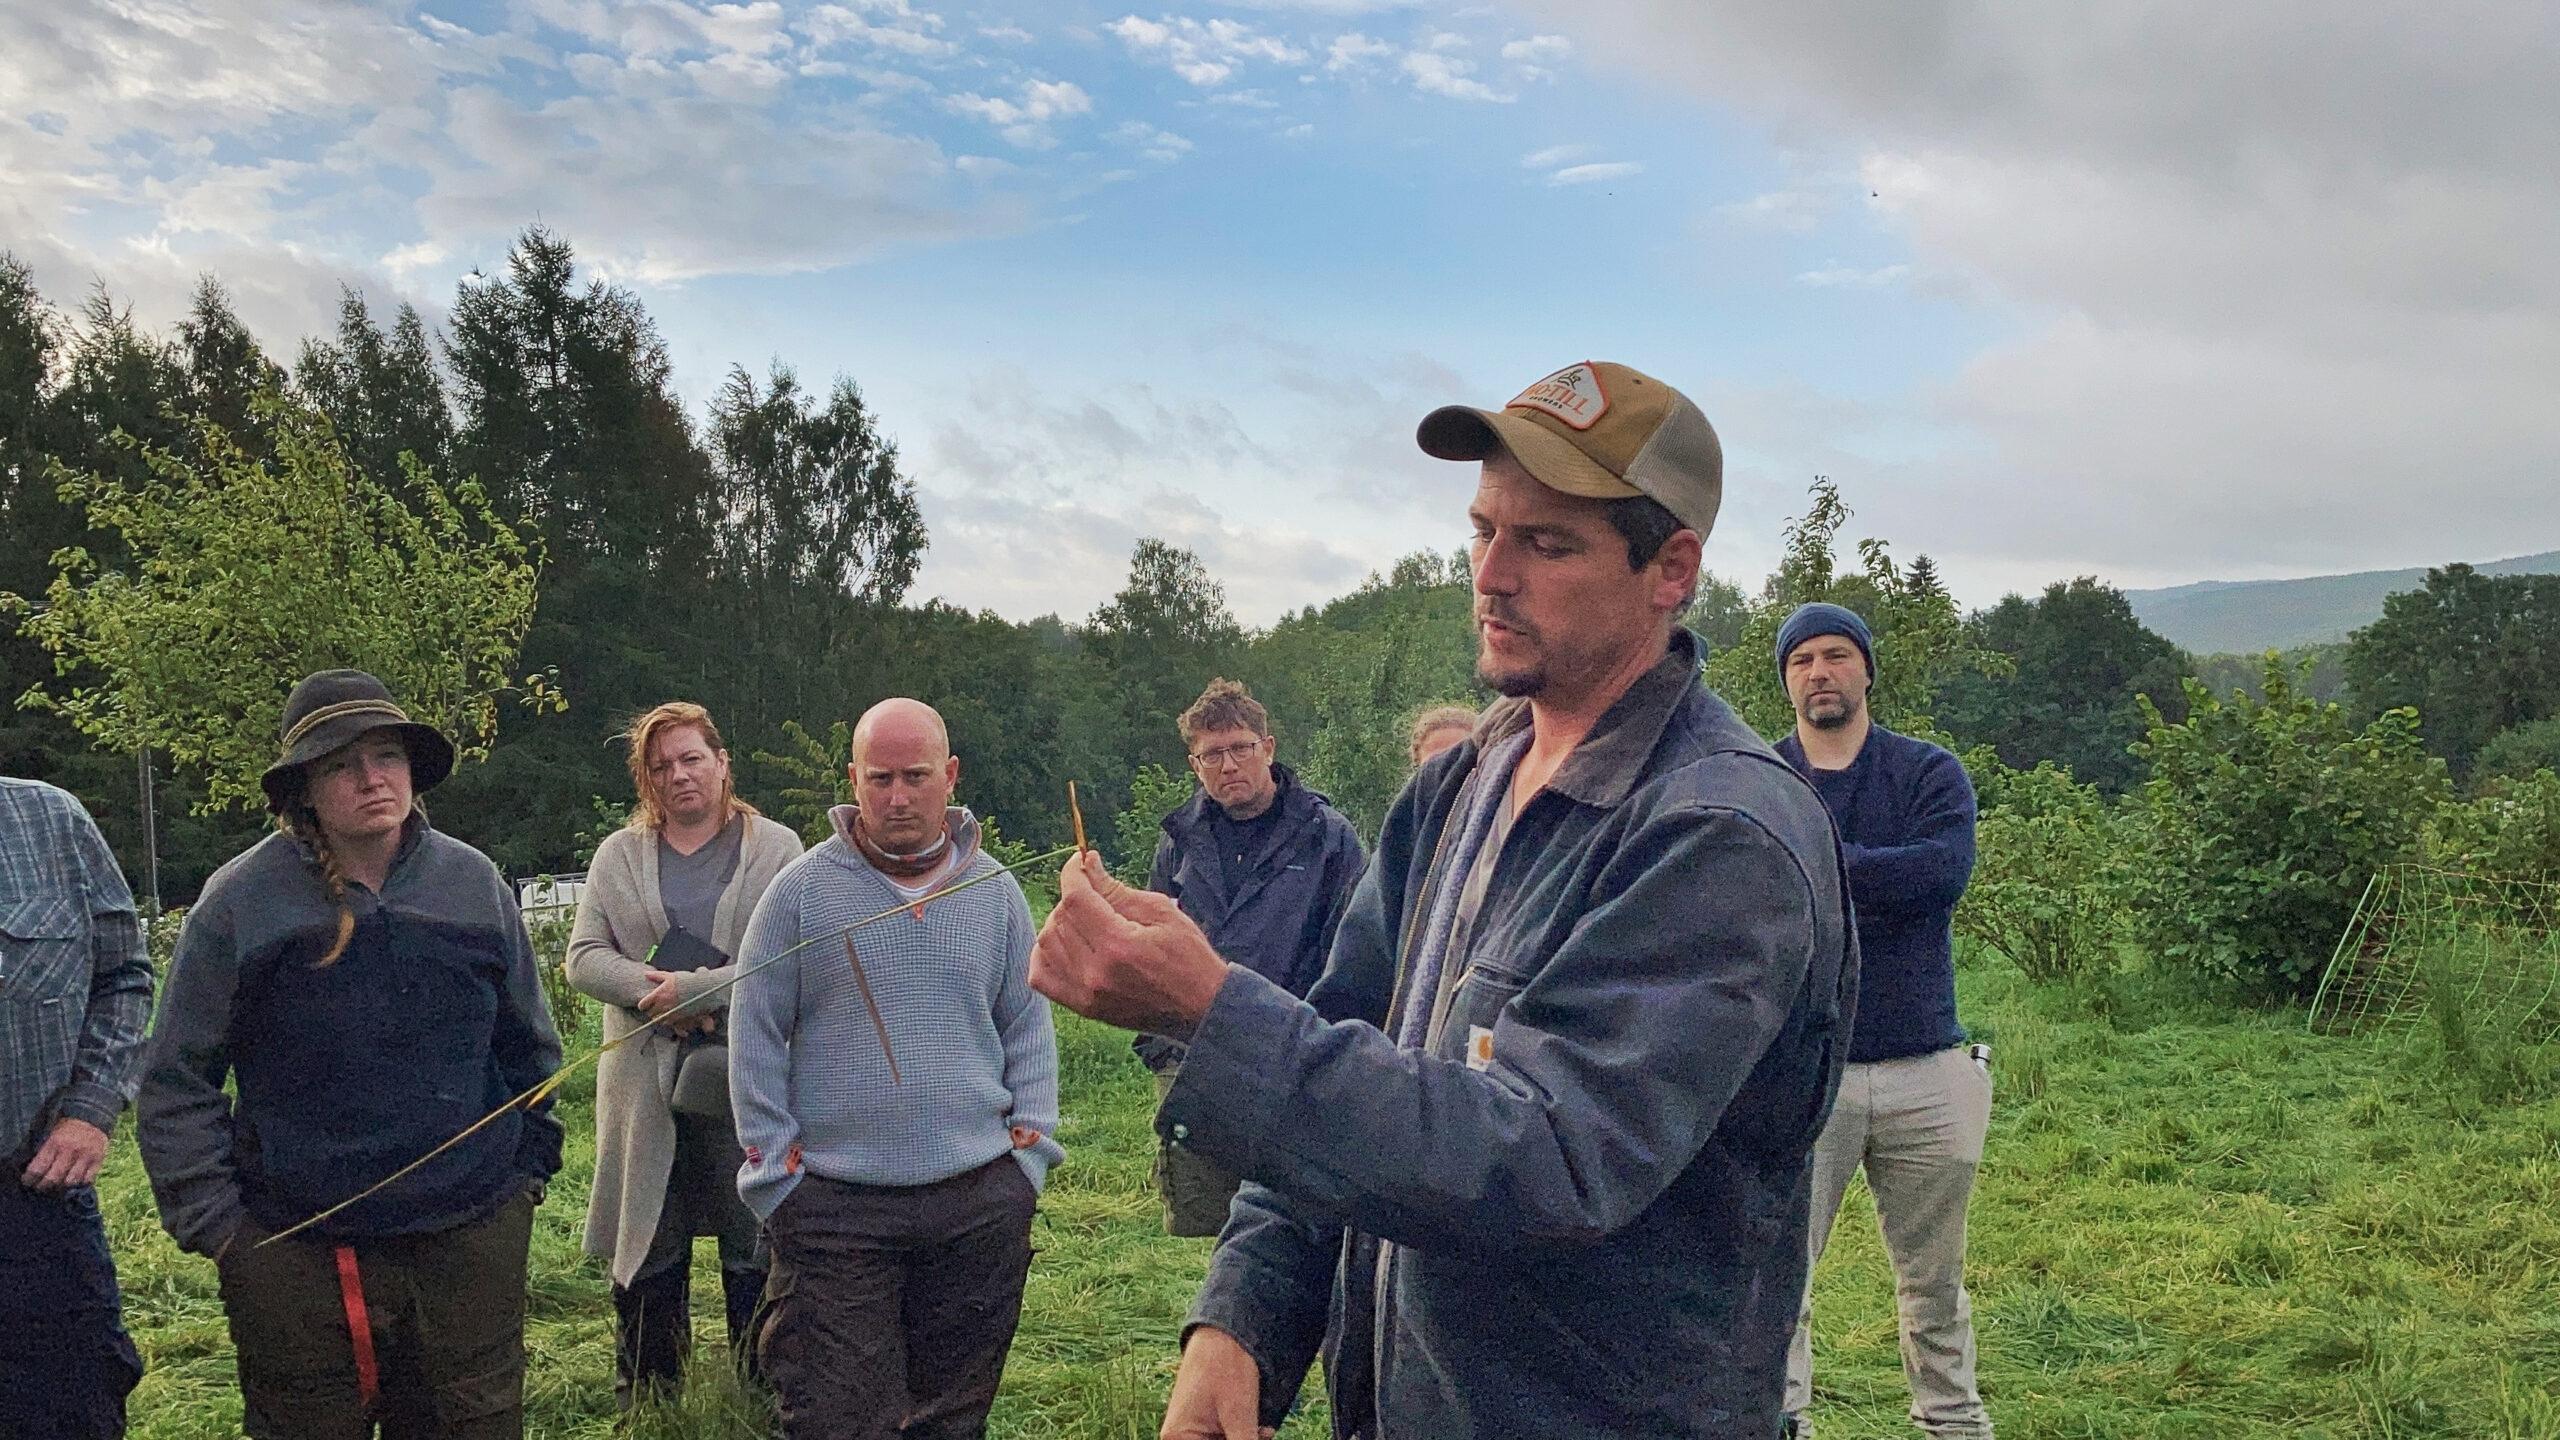 Ett grässtrå som trampas bidrar också till jordhälsan berättar Richard Perkins